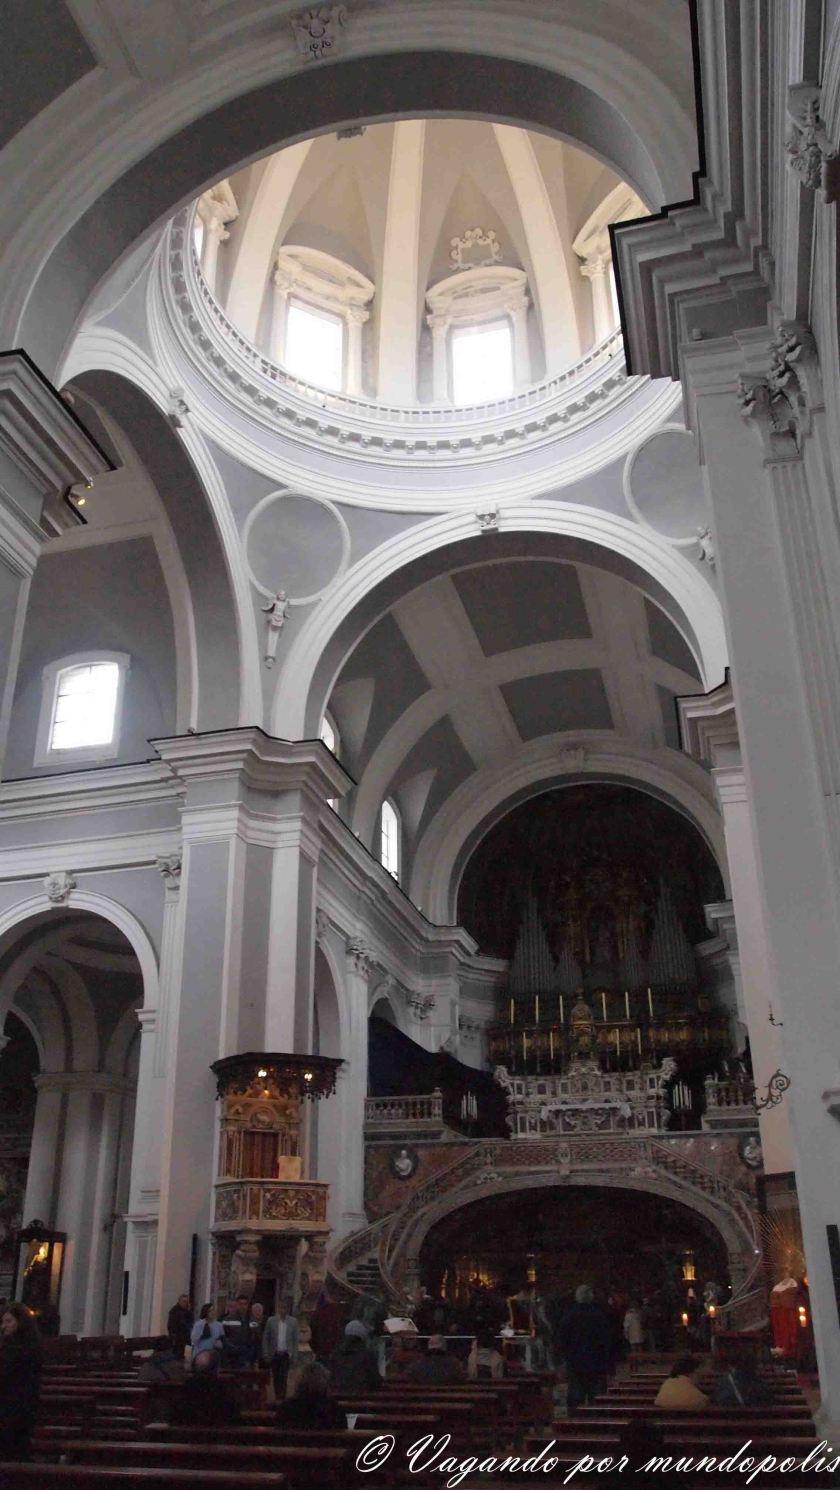 turismo-en-napoles-que-ver-santa-maria-de-la-trinita